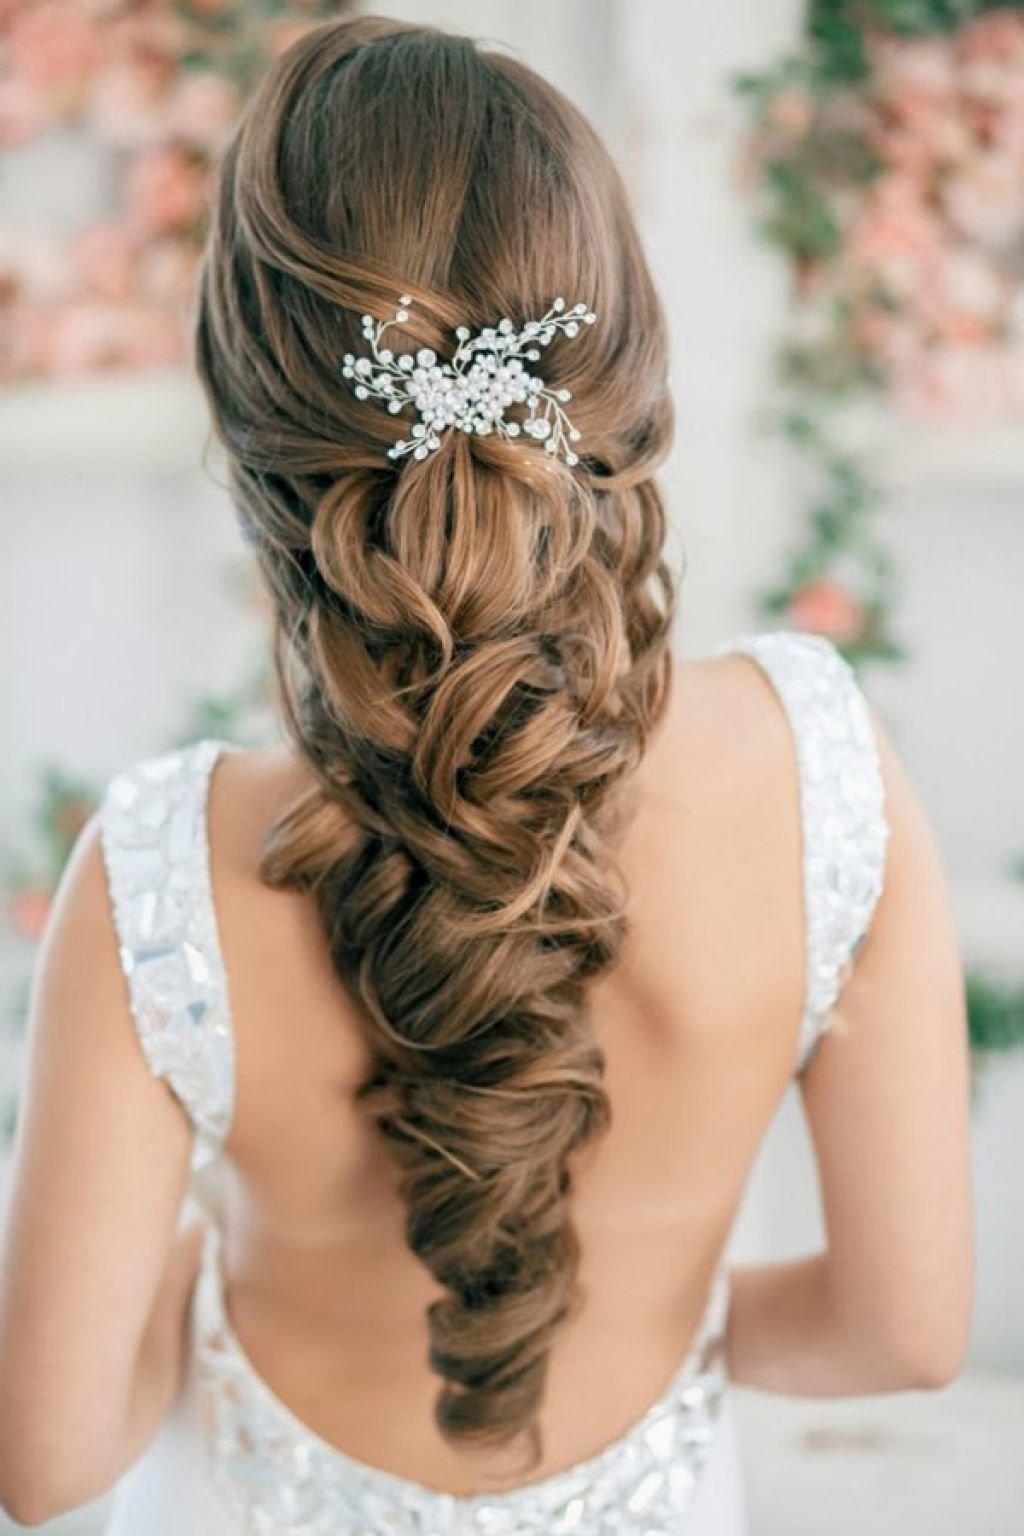 Плетение длинных волос на свадьбу фото